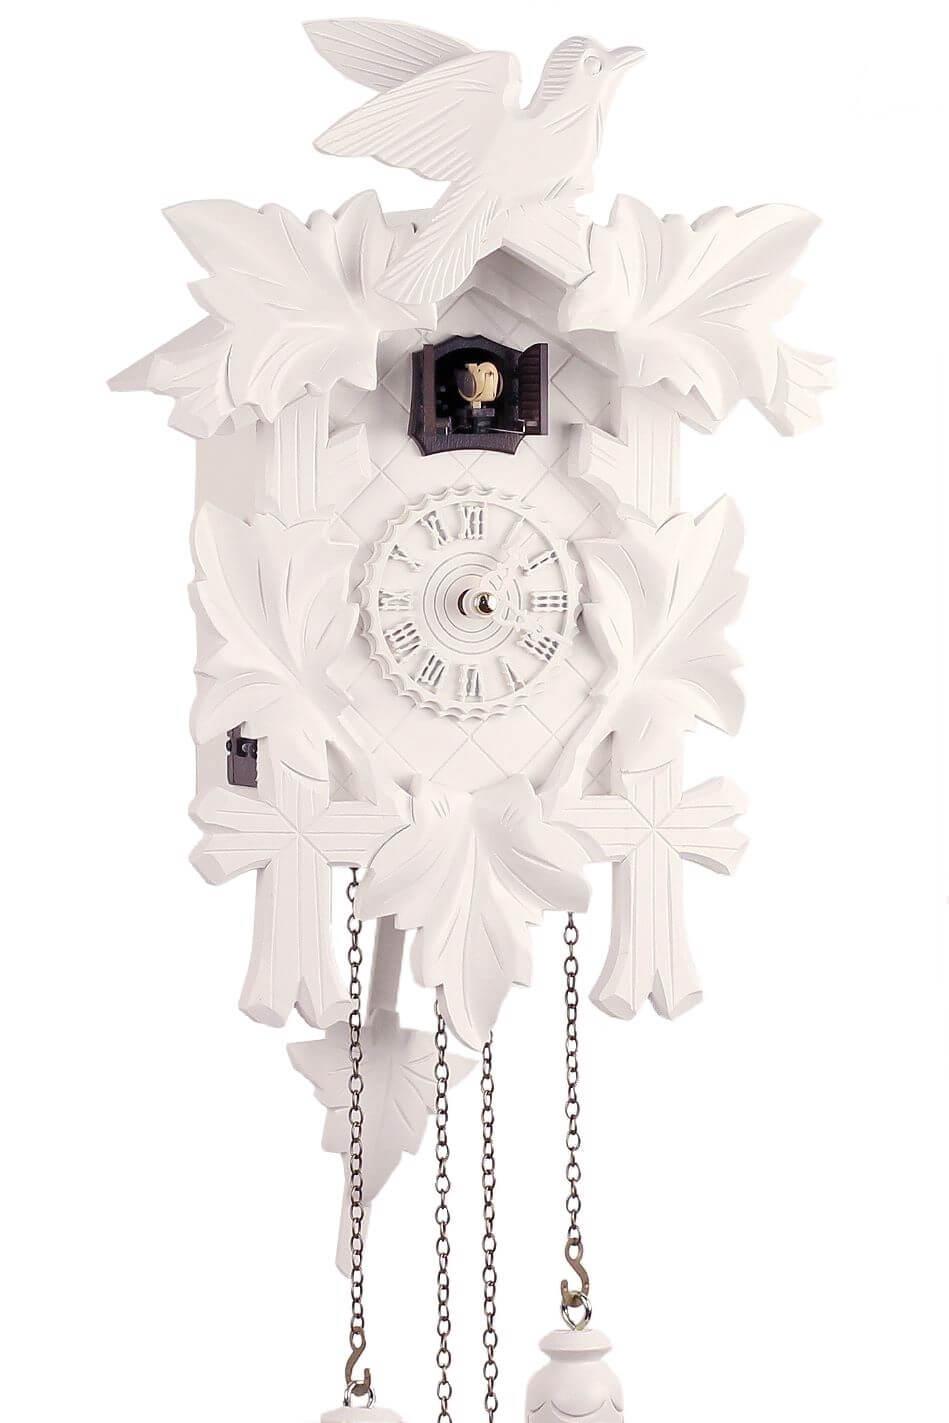 trenkle bianca 34cm 350 20 q weiss schwarzw lder kuckucksuhr aus echtholz mit ebay. Black Bedroom Furniture Sets. Home Design Ideas